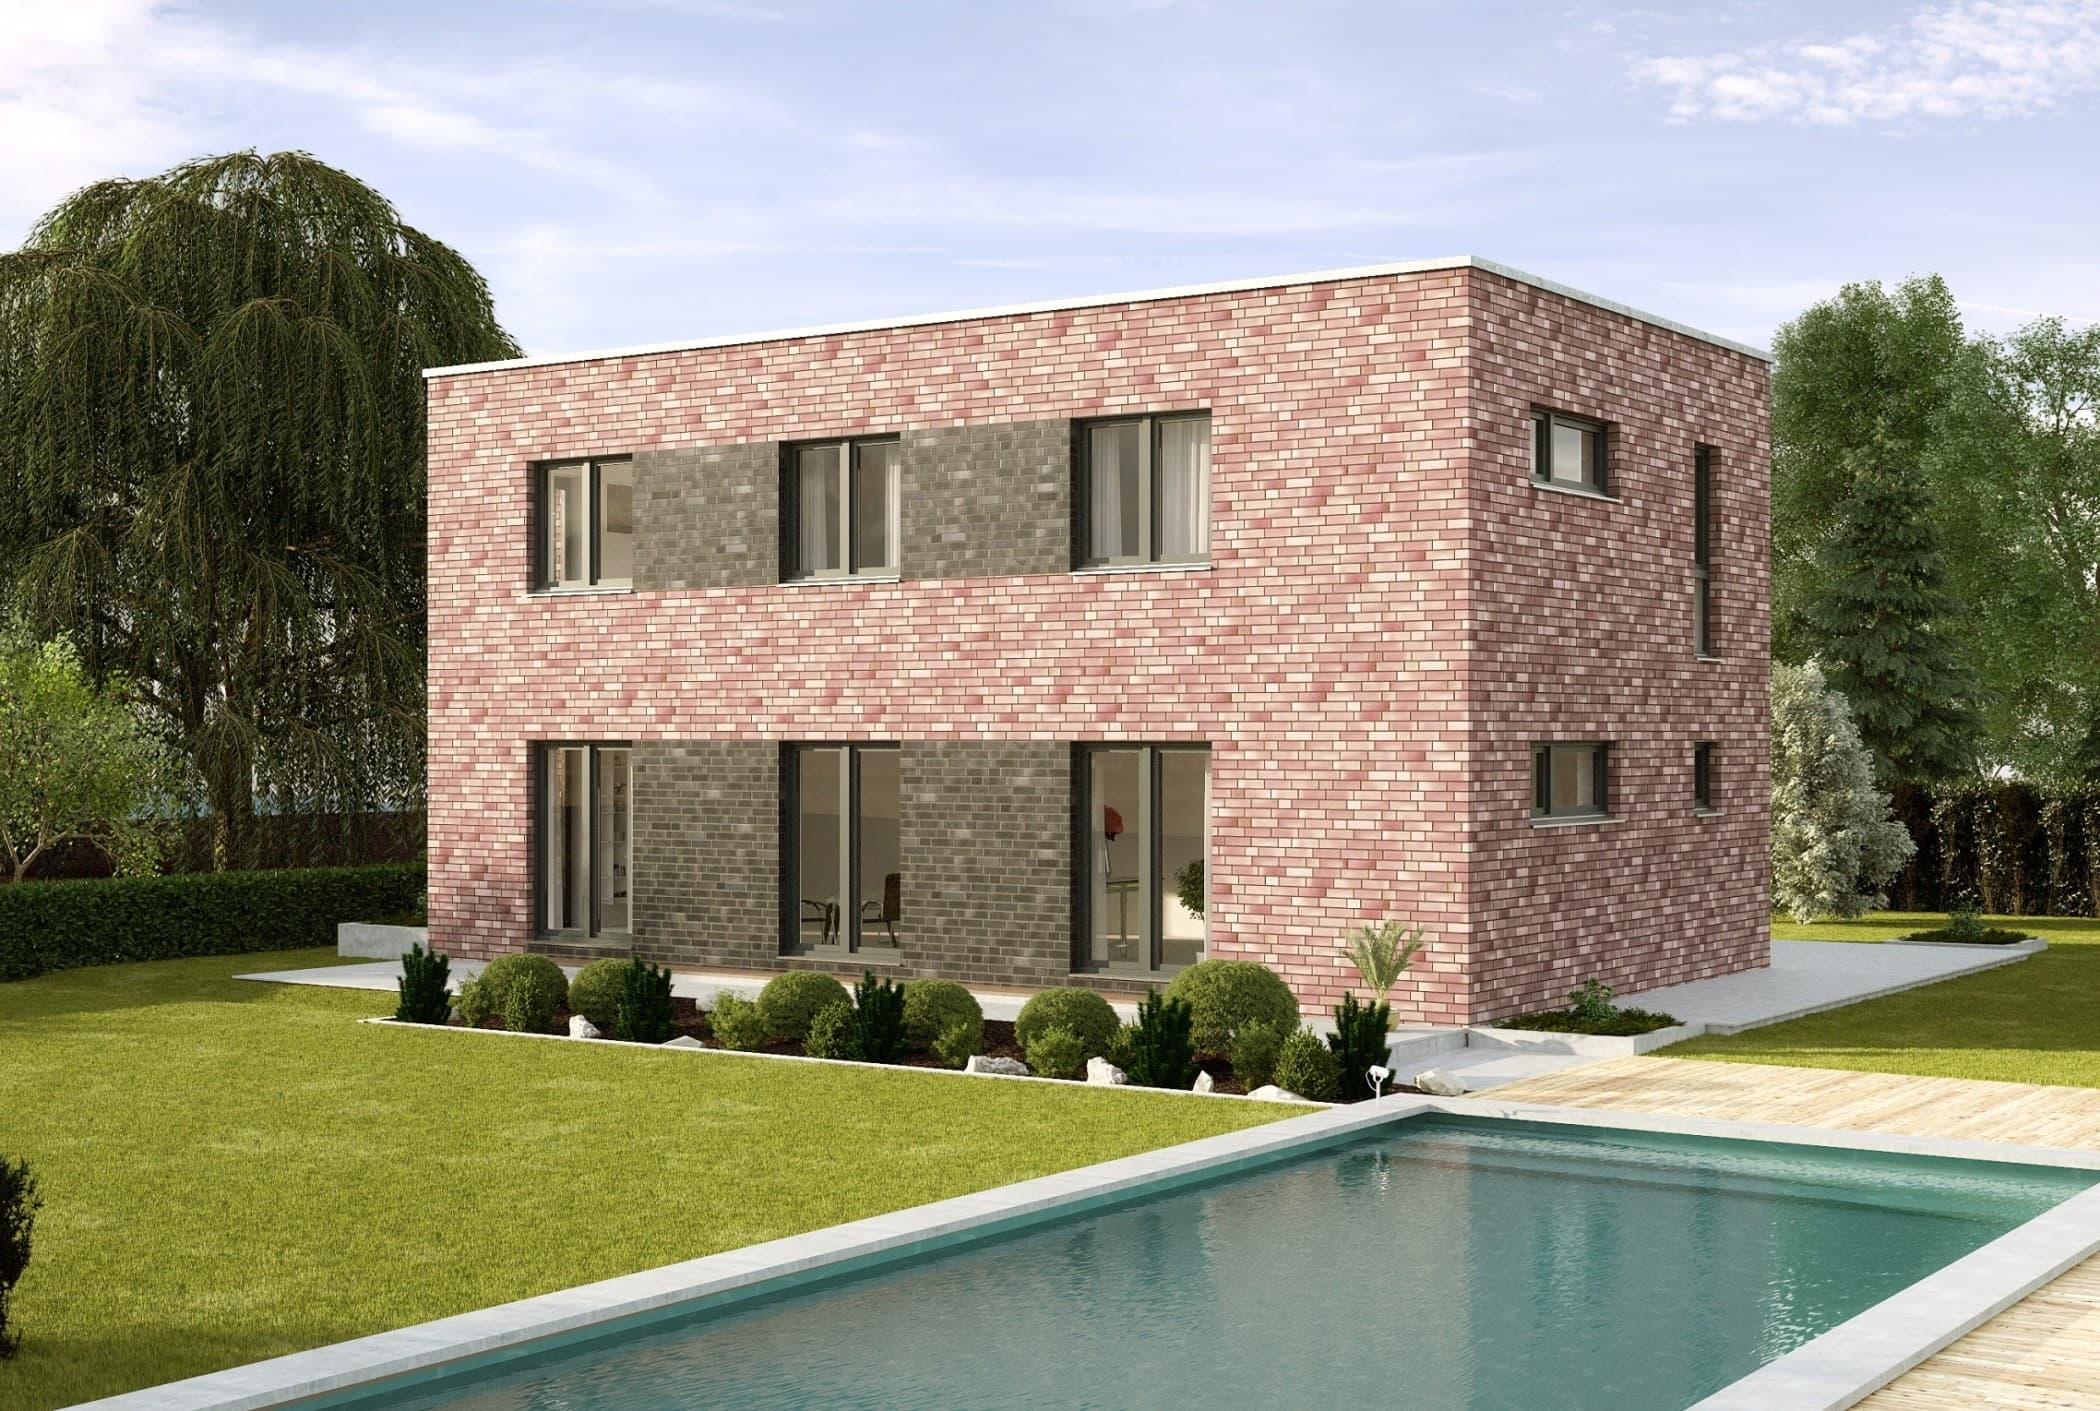 Moderne Fertighaus Stadtvilla schmal mit Flachdach Architektur & Klinker Fassade - Einfamilienhaus bauen Ideen Stadthaus Santa Monica von GUSSEK HAUS - HausbauDirekt.de